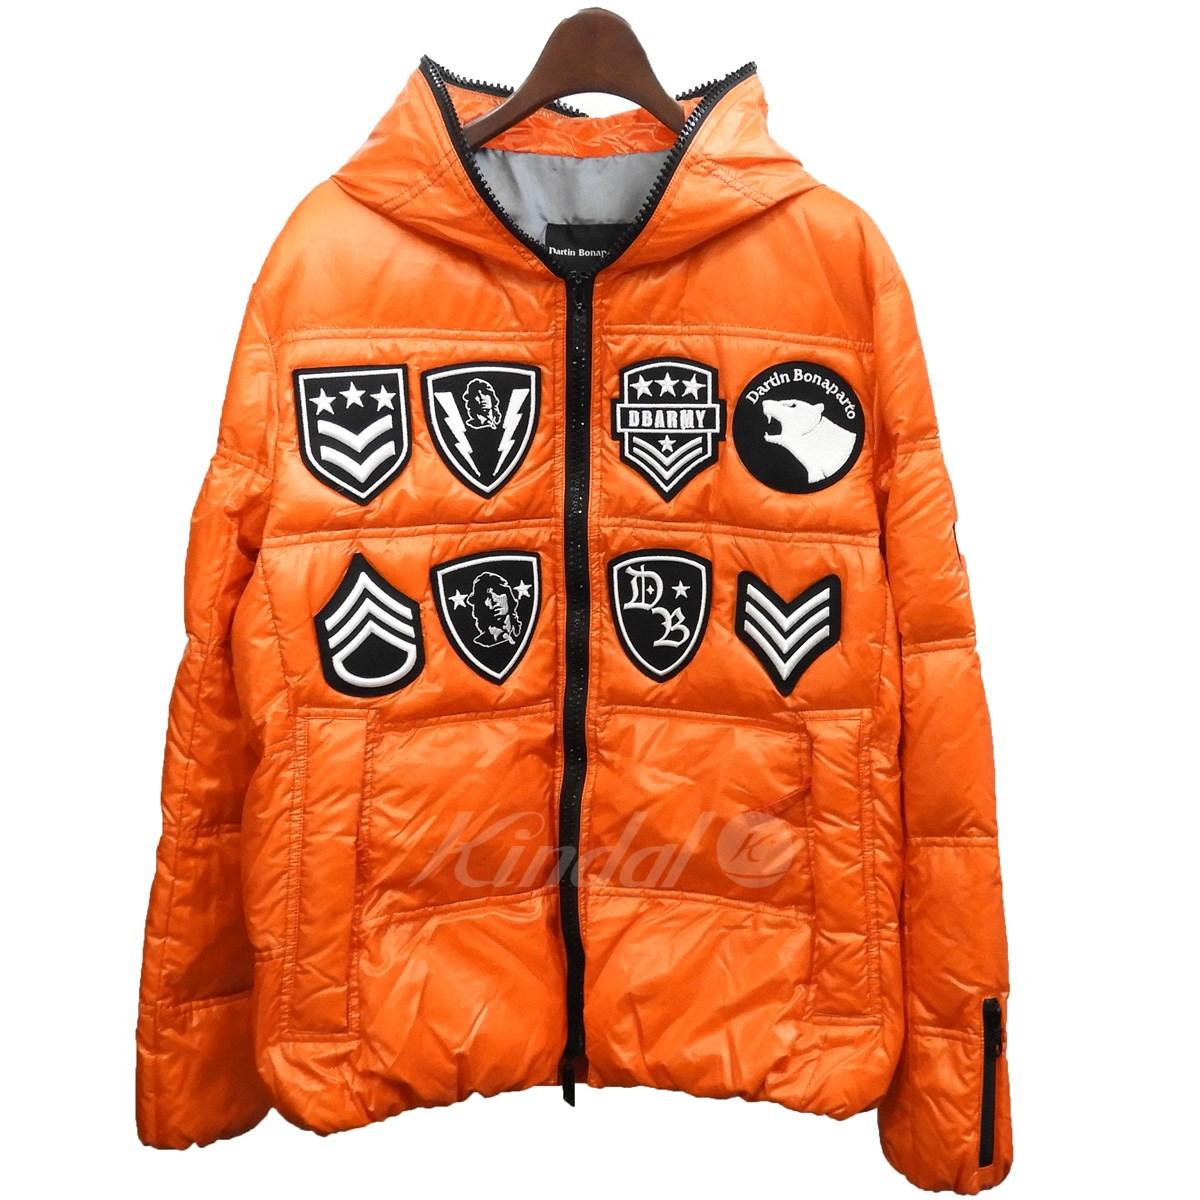 【中古】Dartin Bonapartoスワロフスキージップワッペンダウンジャケット オレンジ サイズ:48【2月17日見直し】